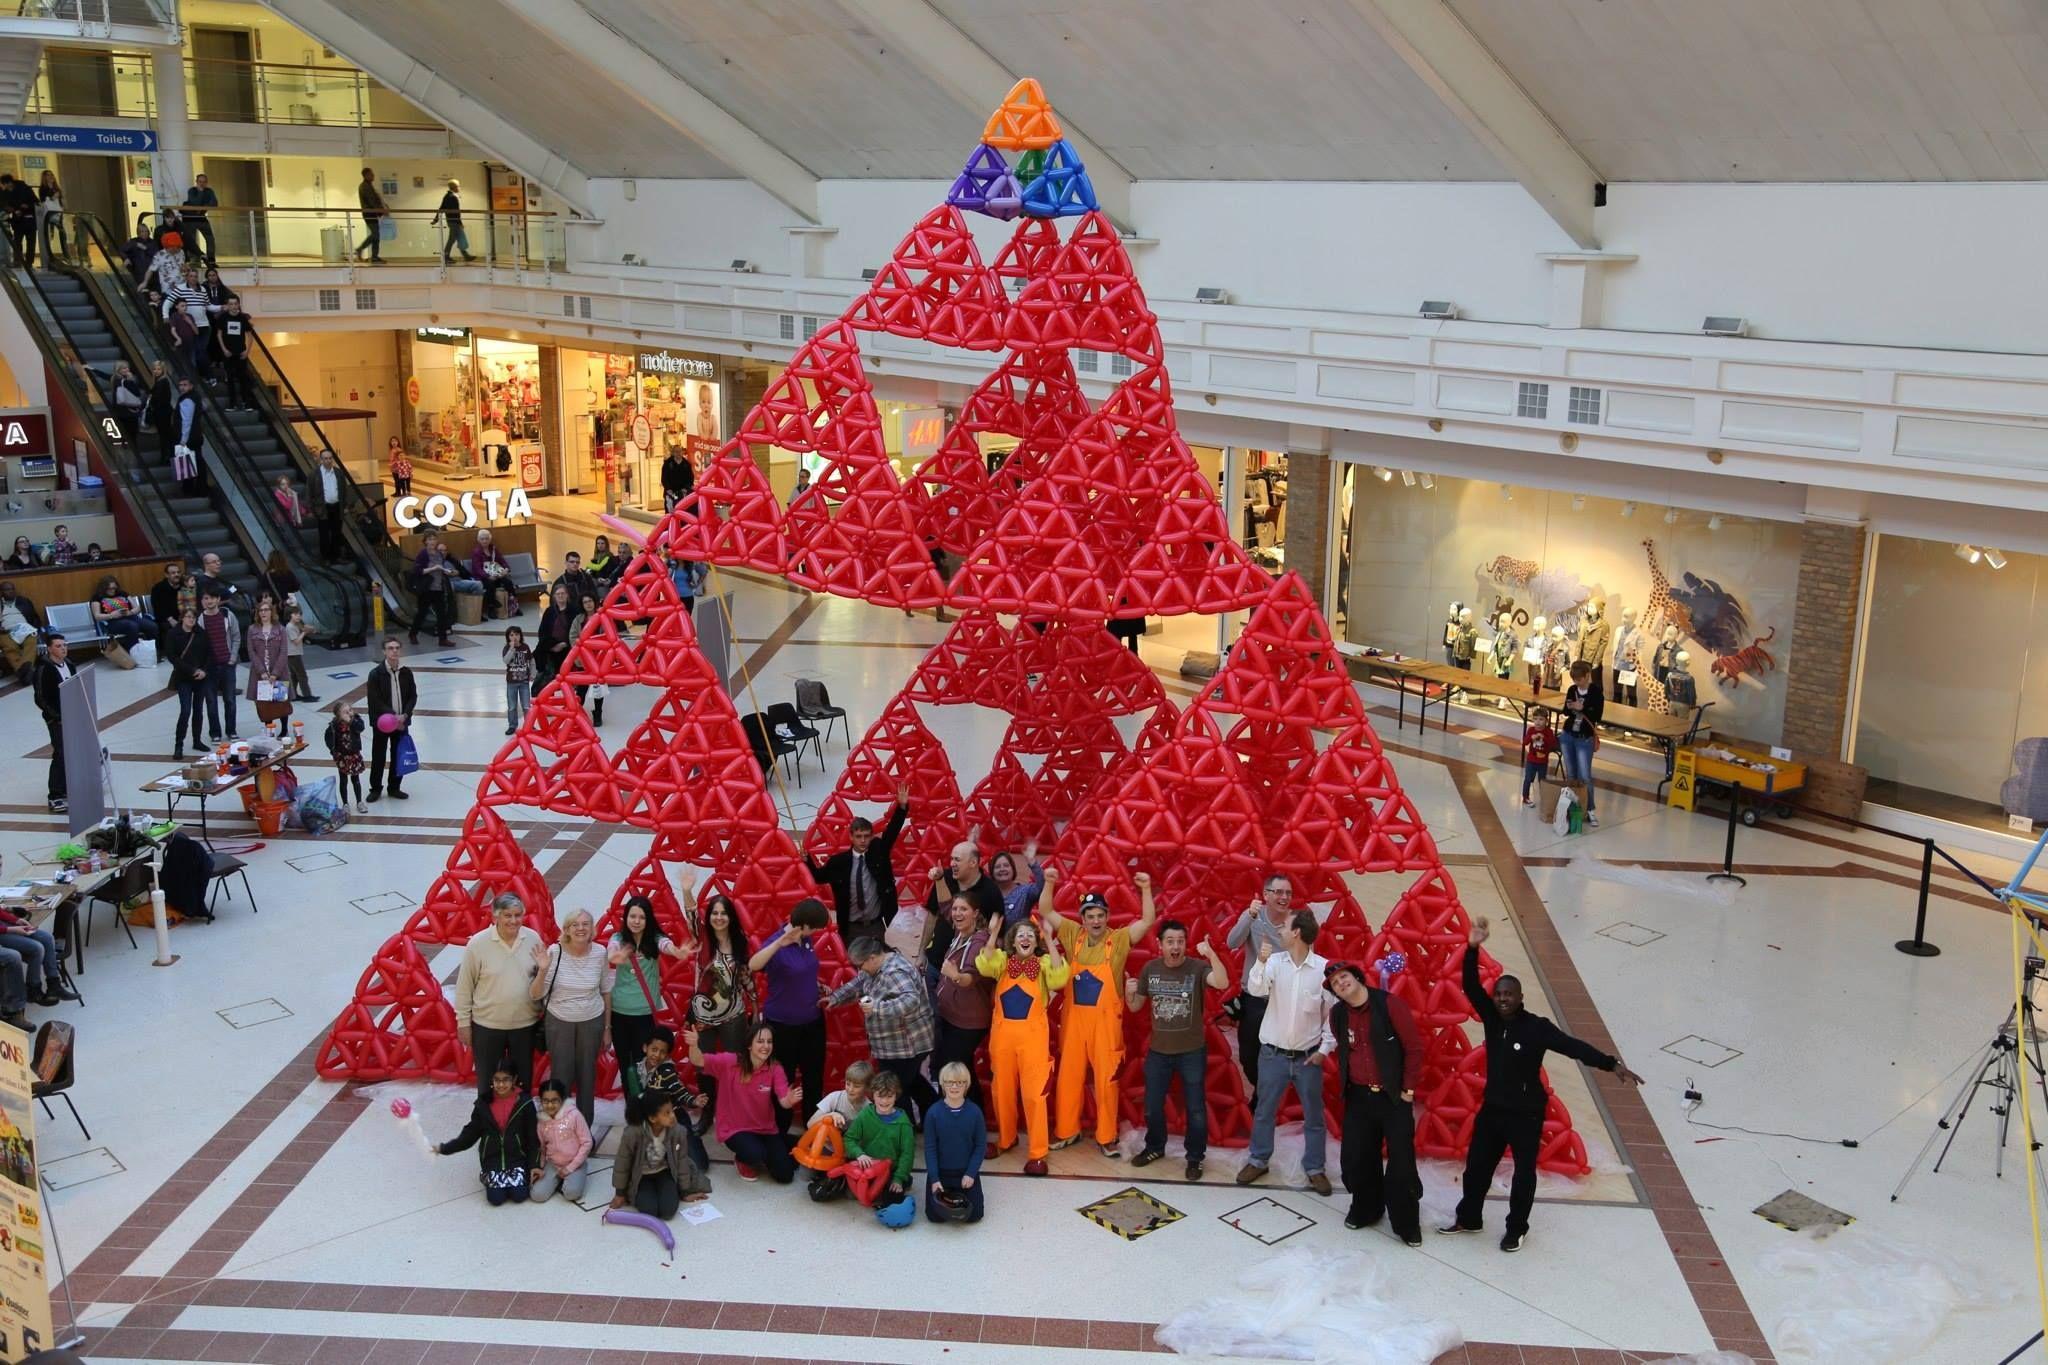 Sierpinski triangle built from balloons. (Credithttp